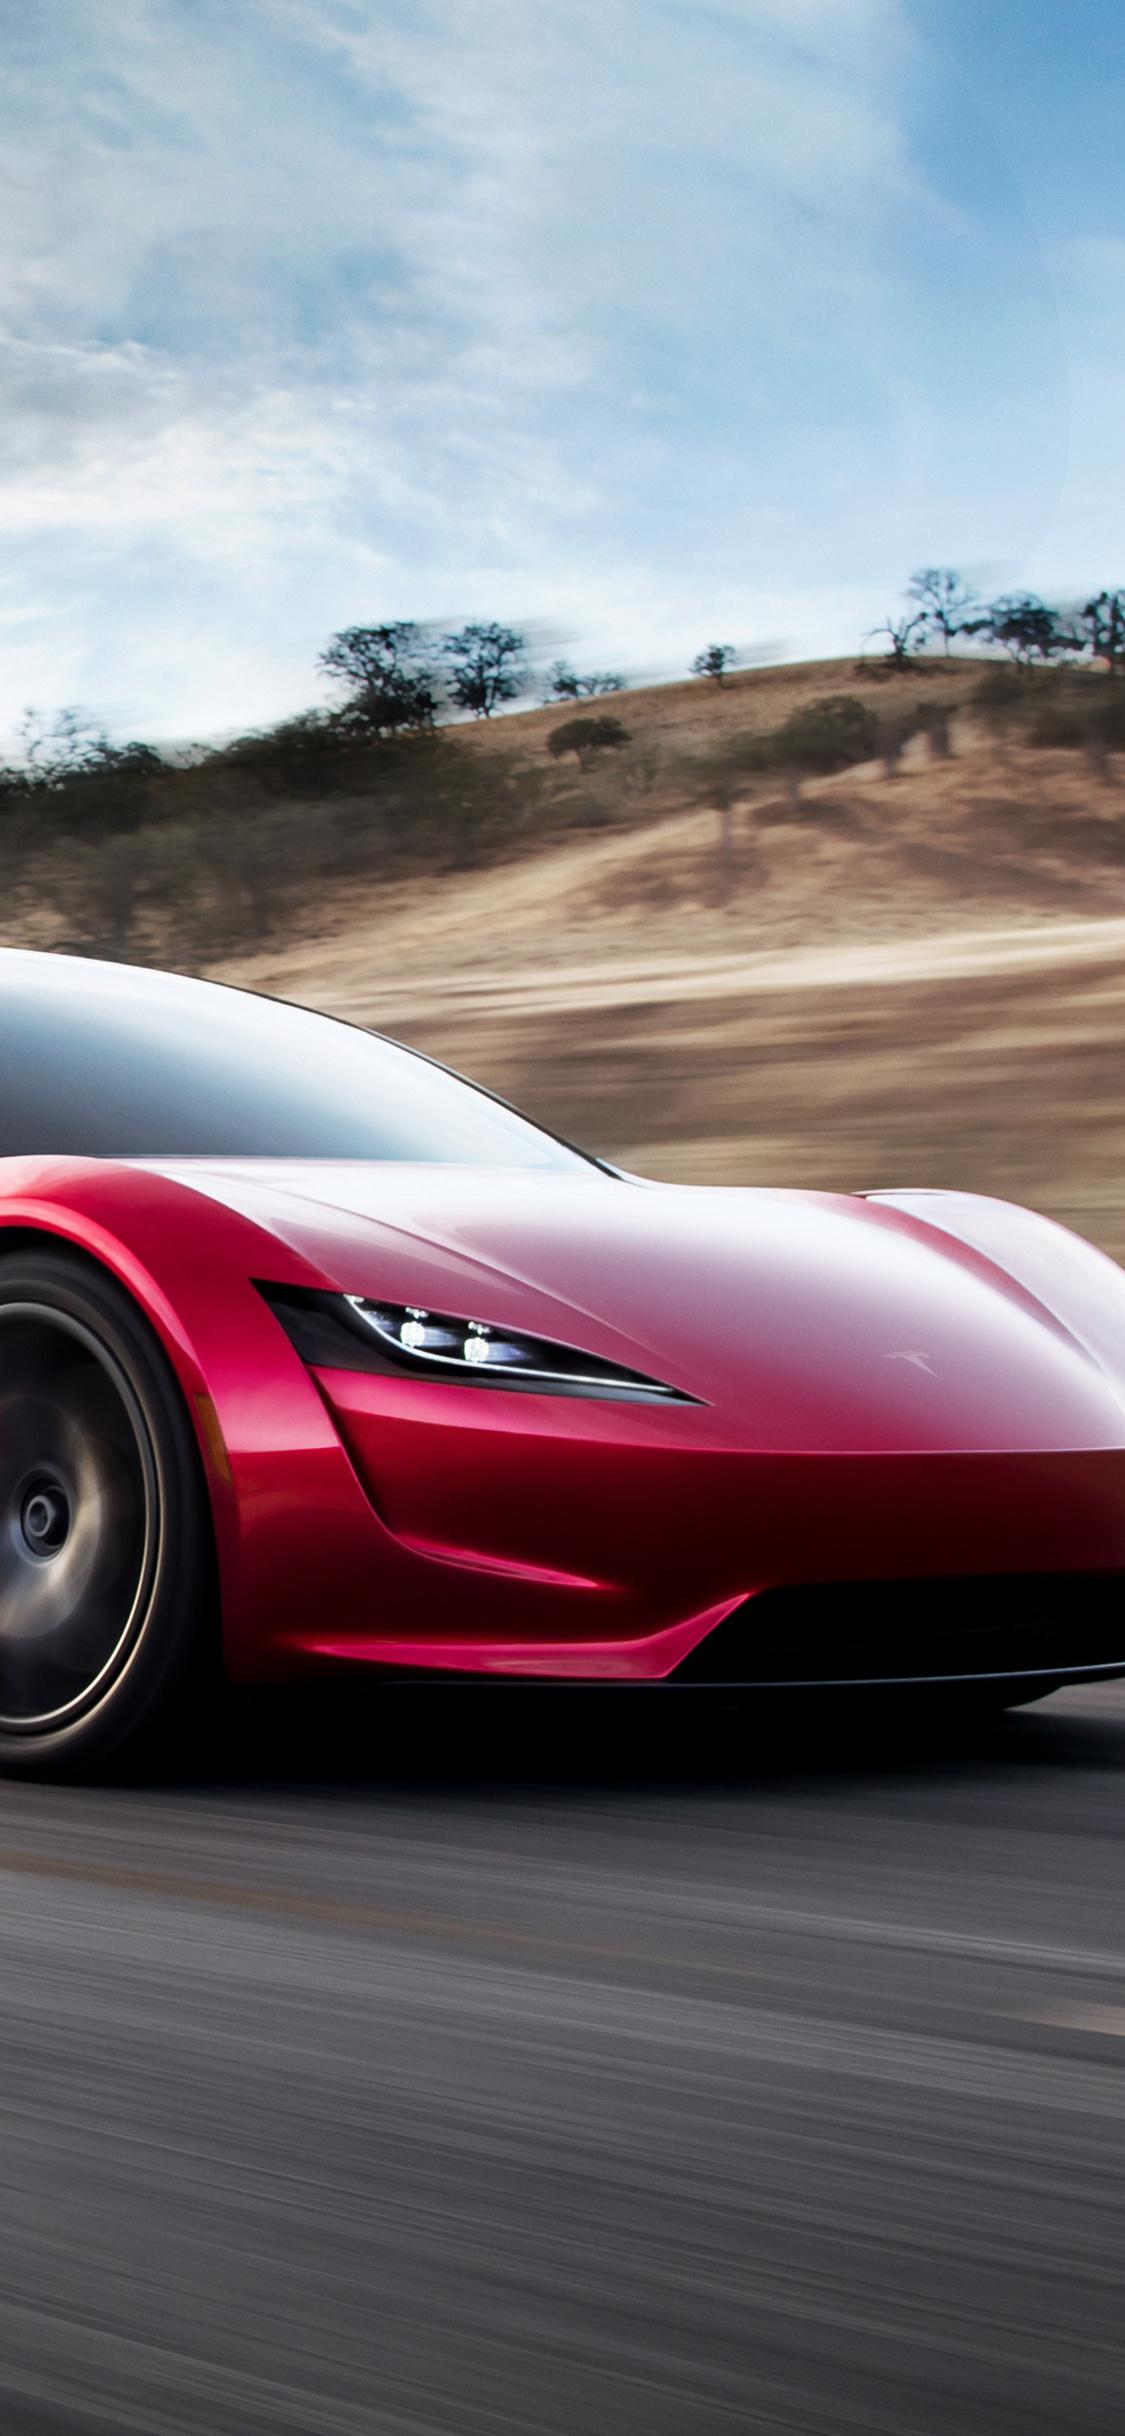 1125x2436 Tesla Roadster 4k Iphone XS,Iphone 10,Iphone X ...